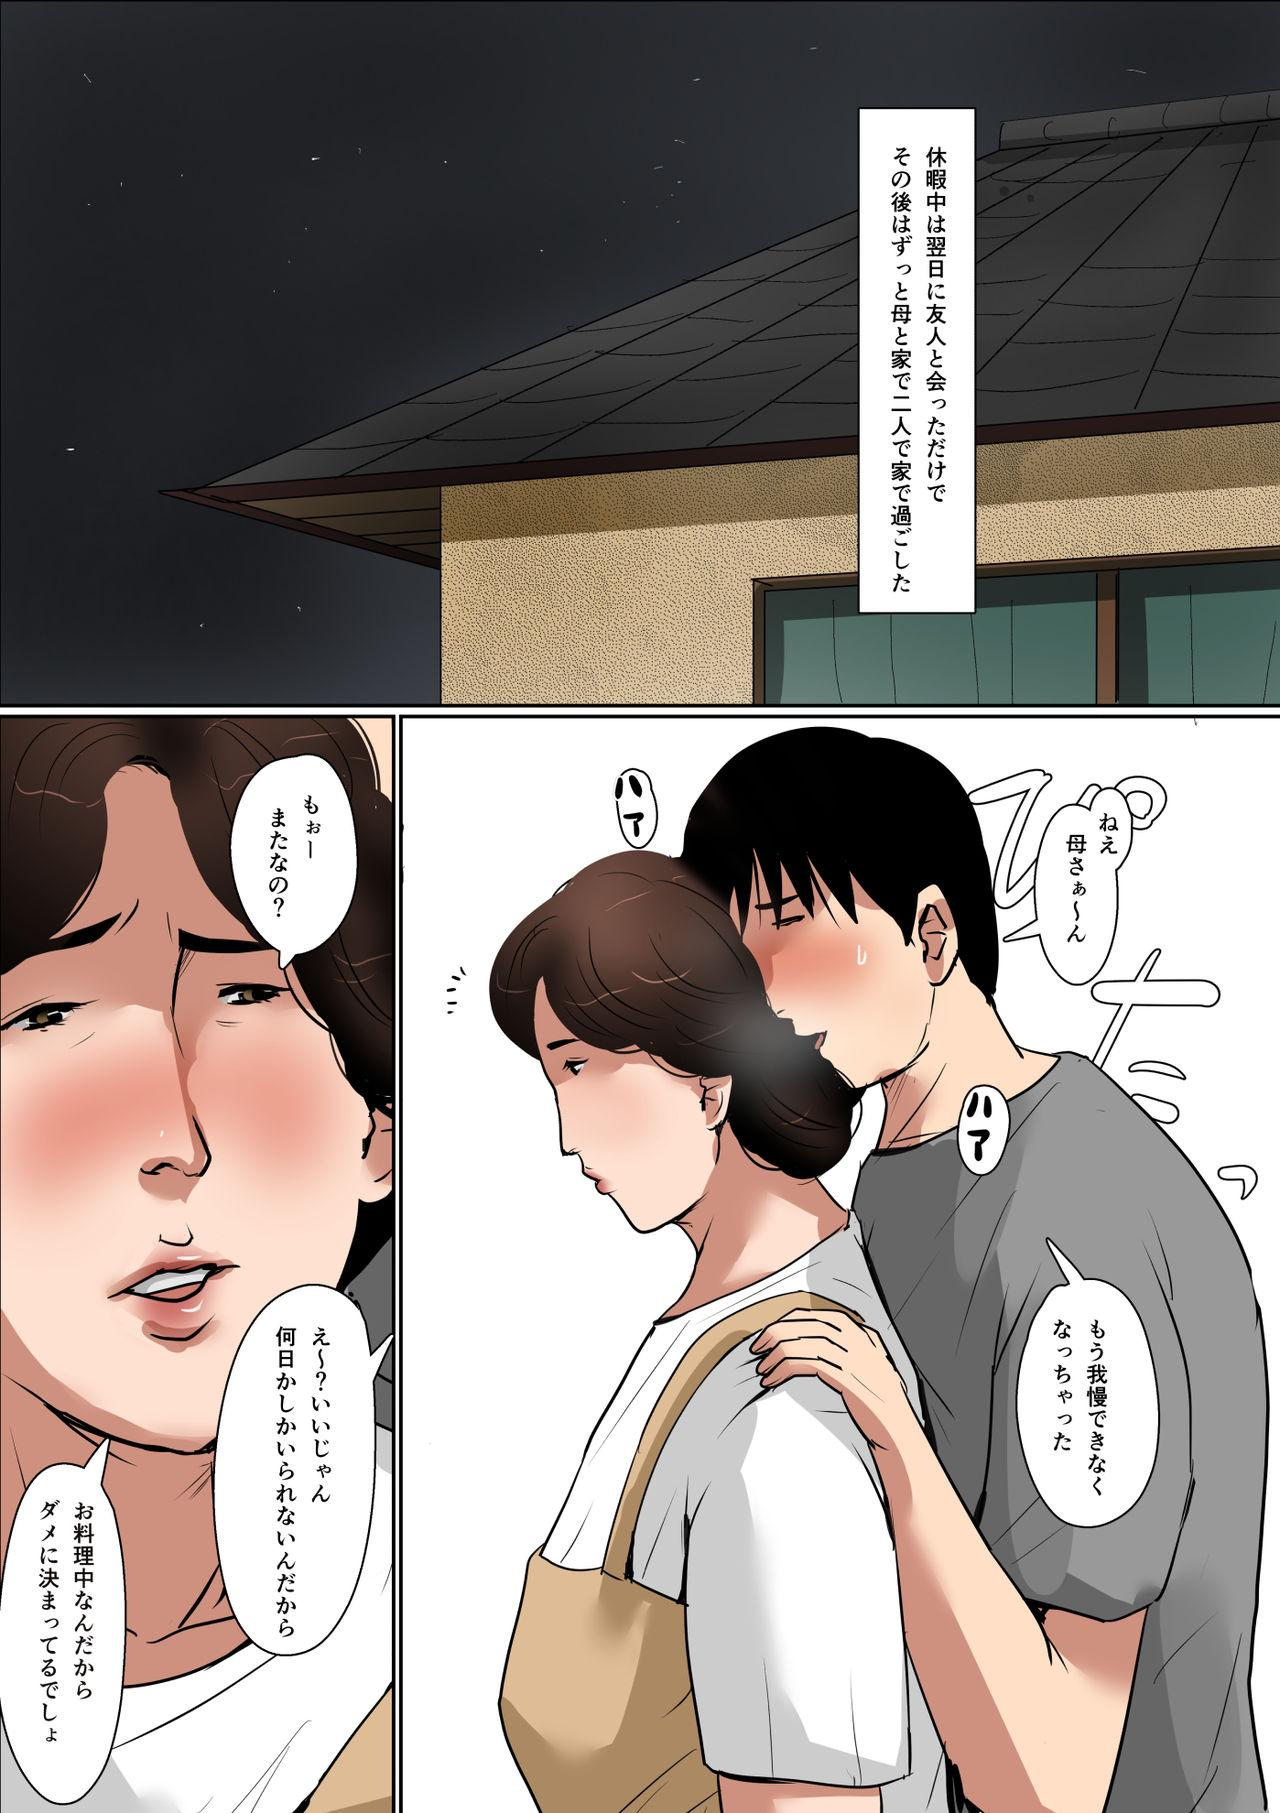 [Oozora Kaiko (kaiko)] Haha ni Koishite ~Wakare no Mae ni~ 2 47